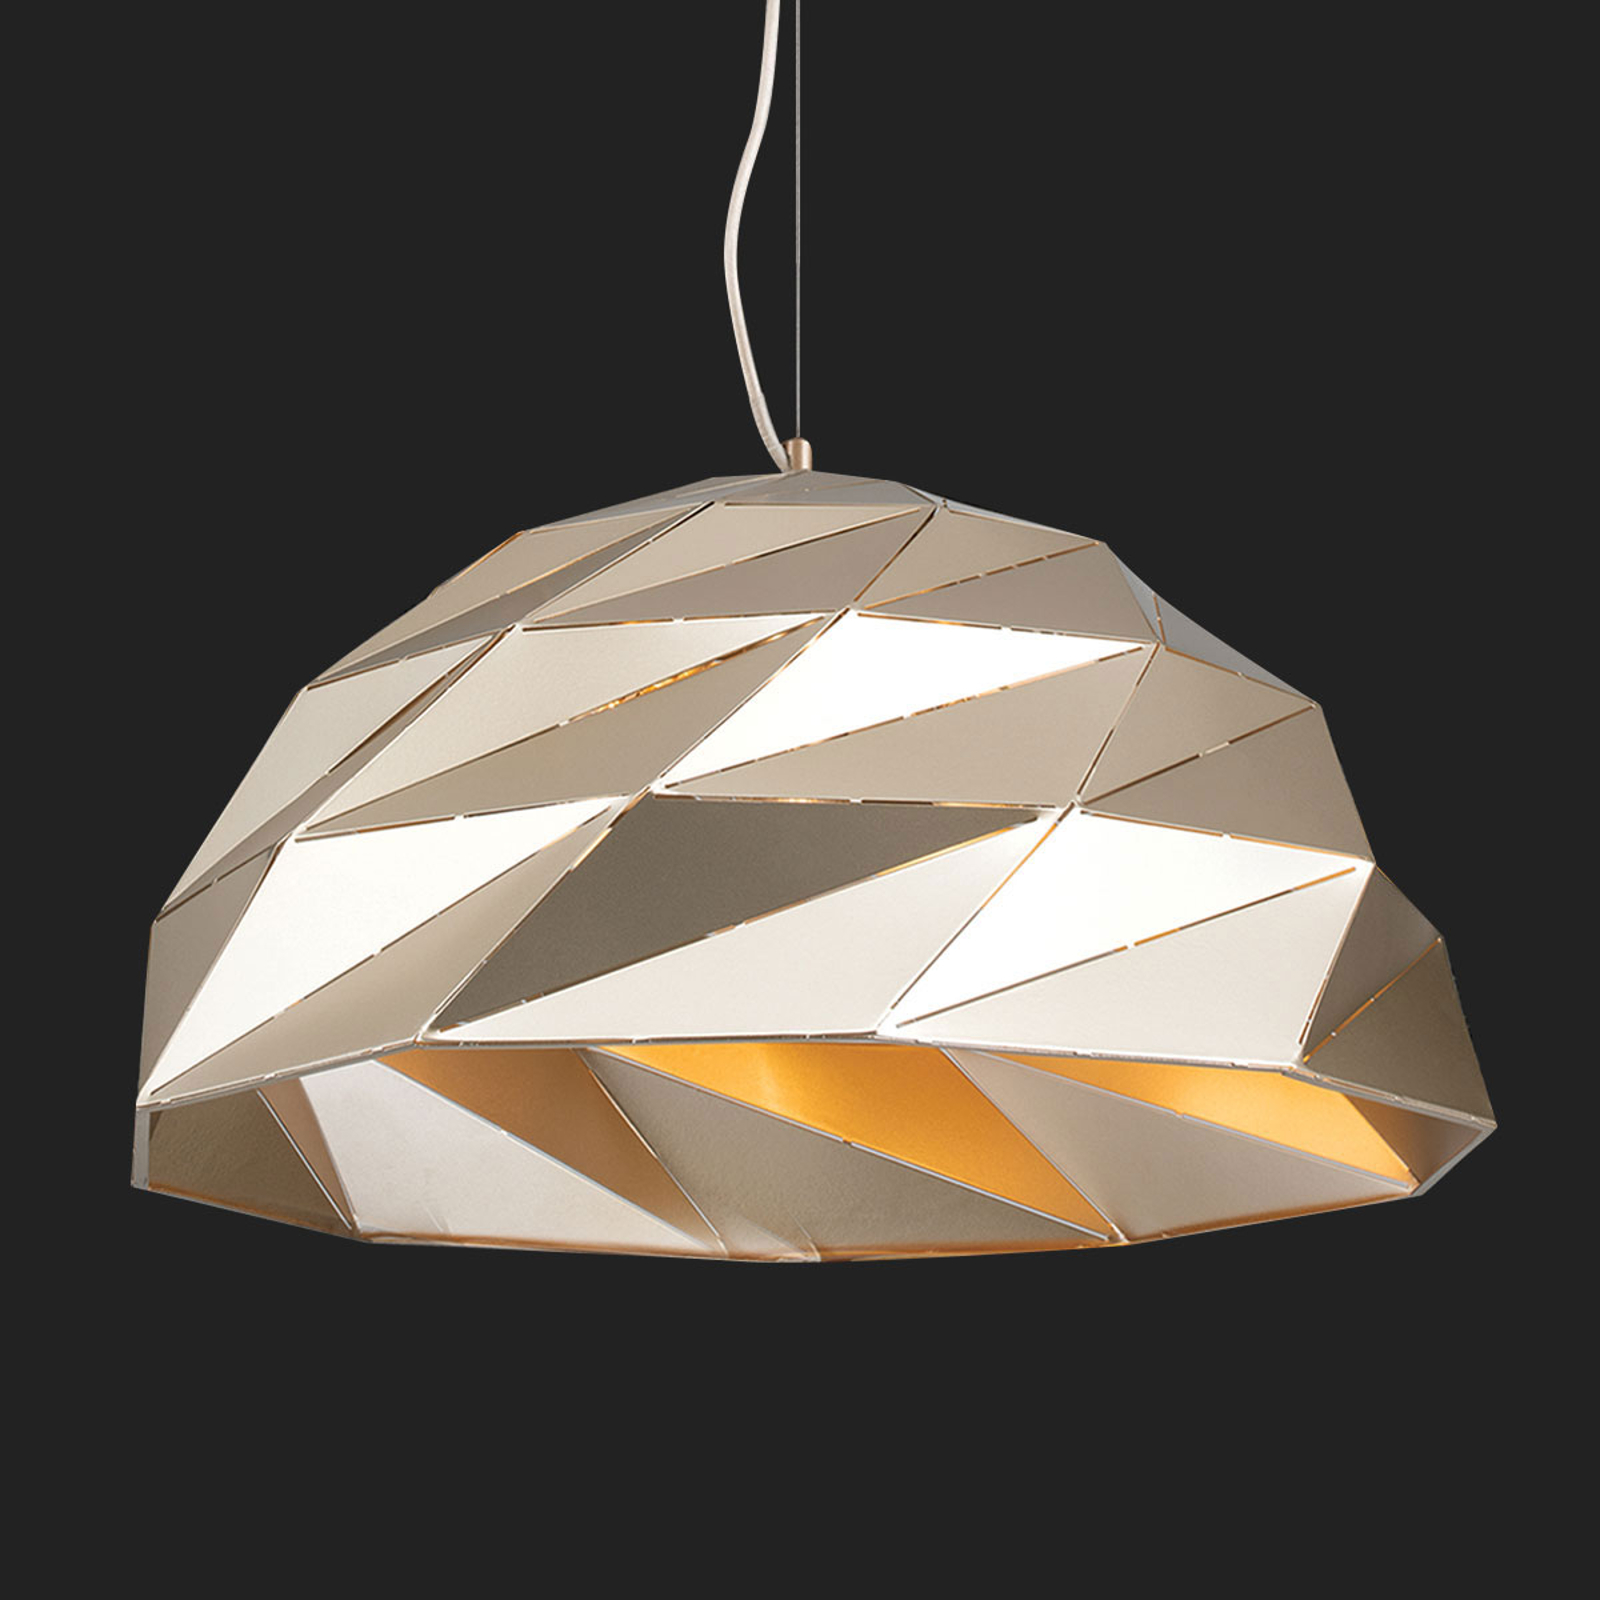 Acquista Lampada a sospensione Origami Ø 56 cm oro